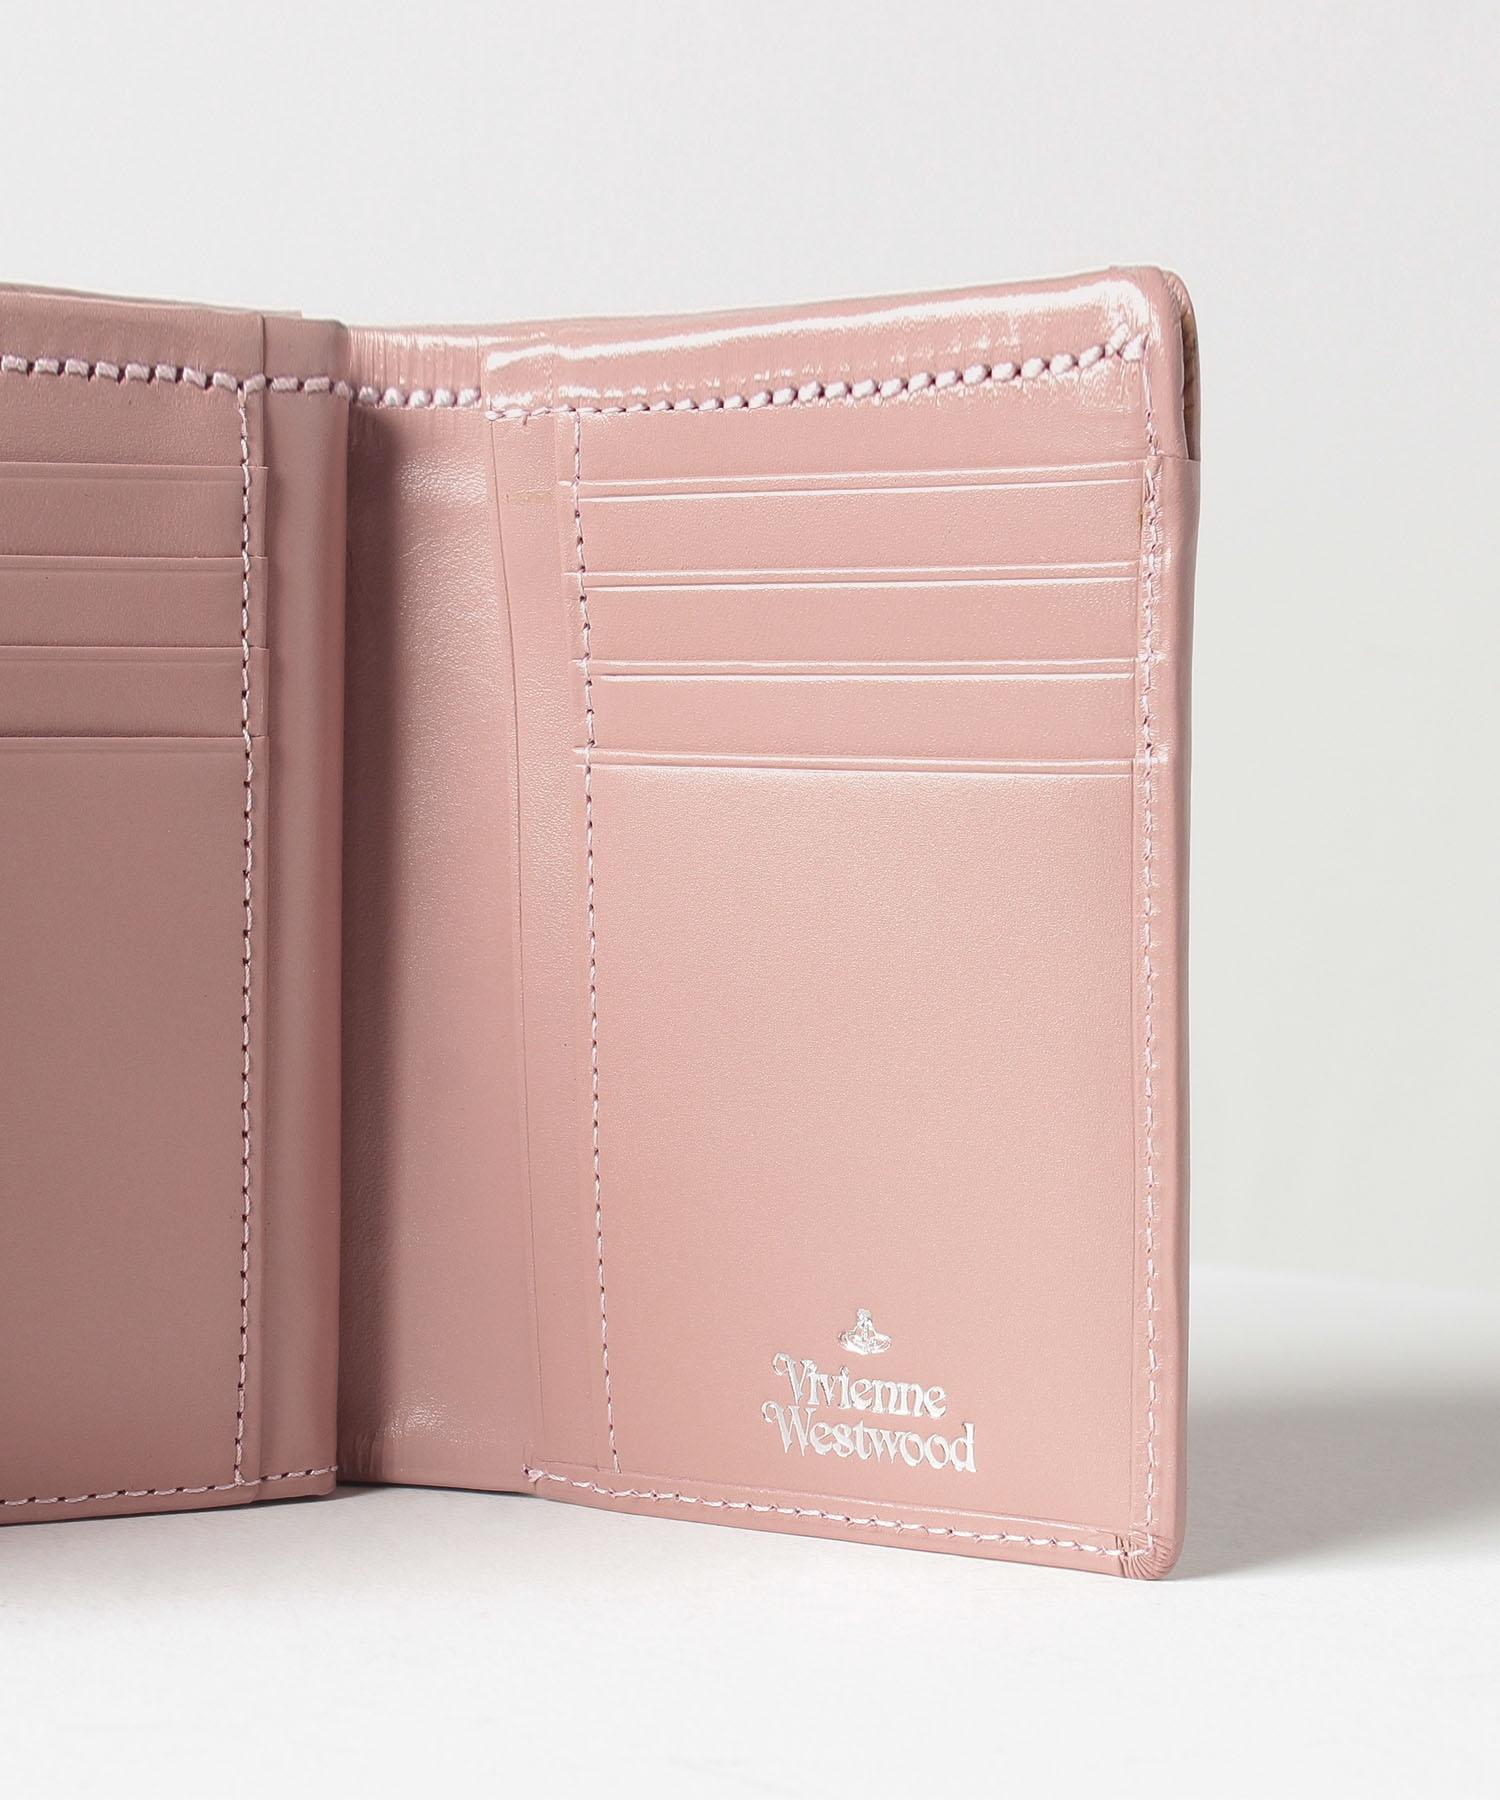 ヴィンテージ WATER ORB 口金二つ折り財布